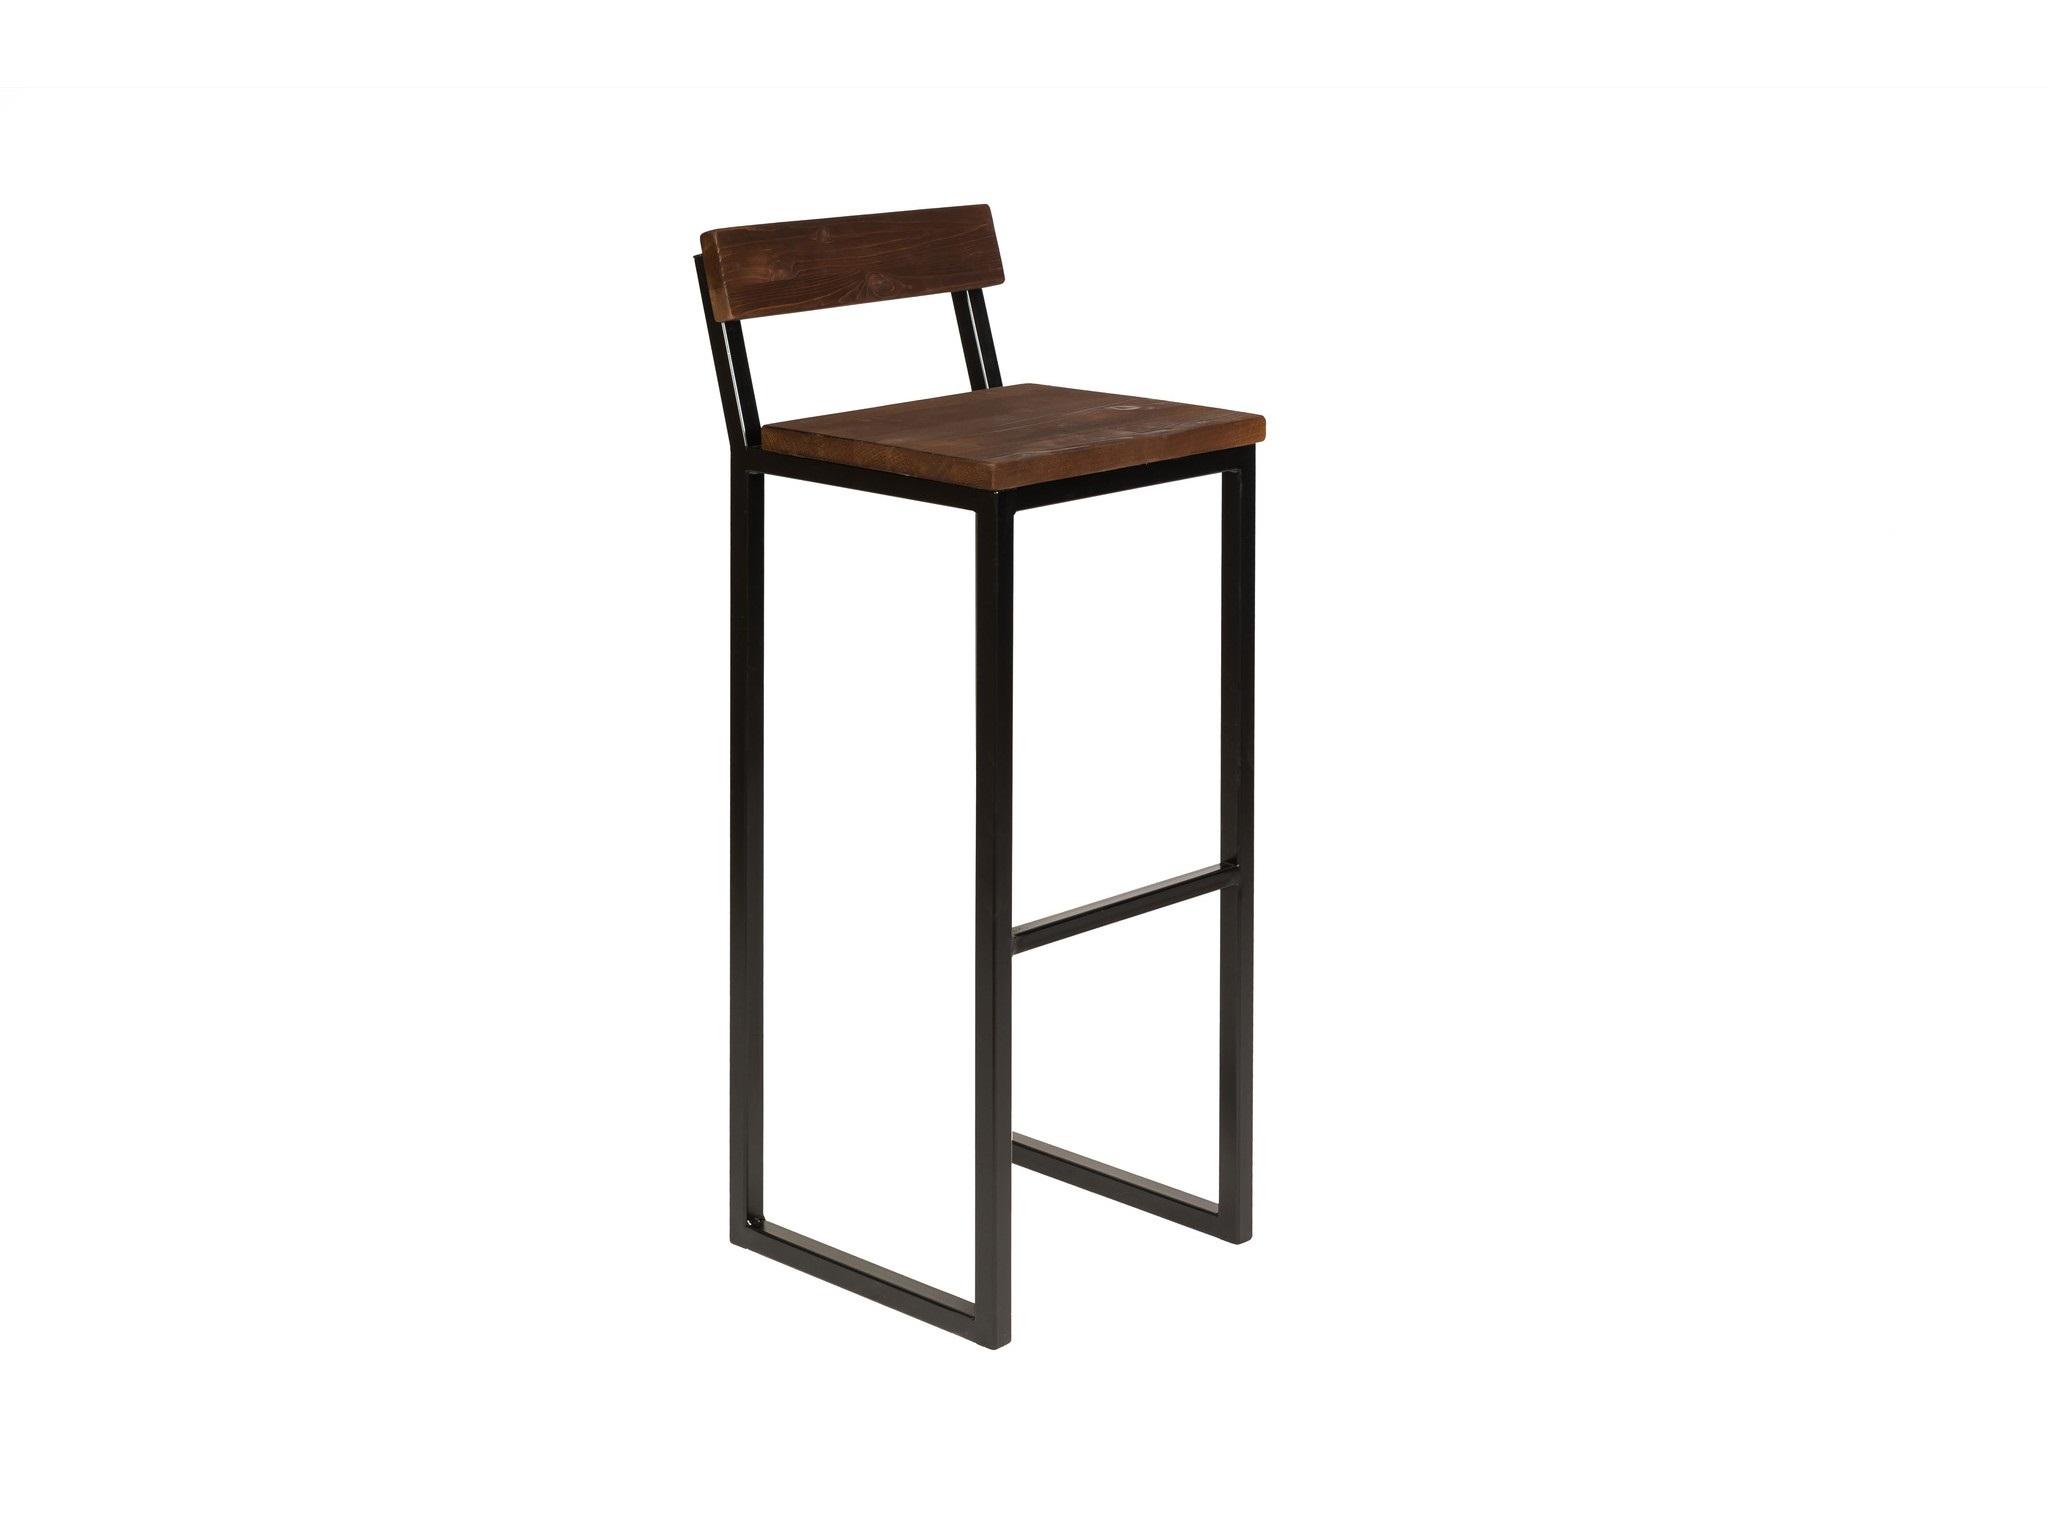 Барный стул Idea 6176138 от thefurnish